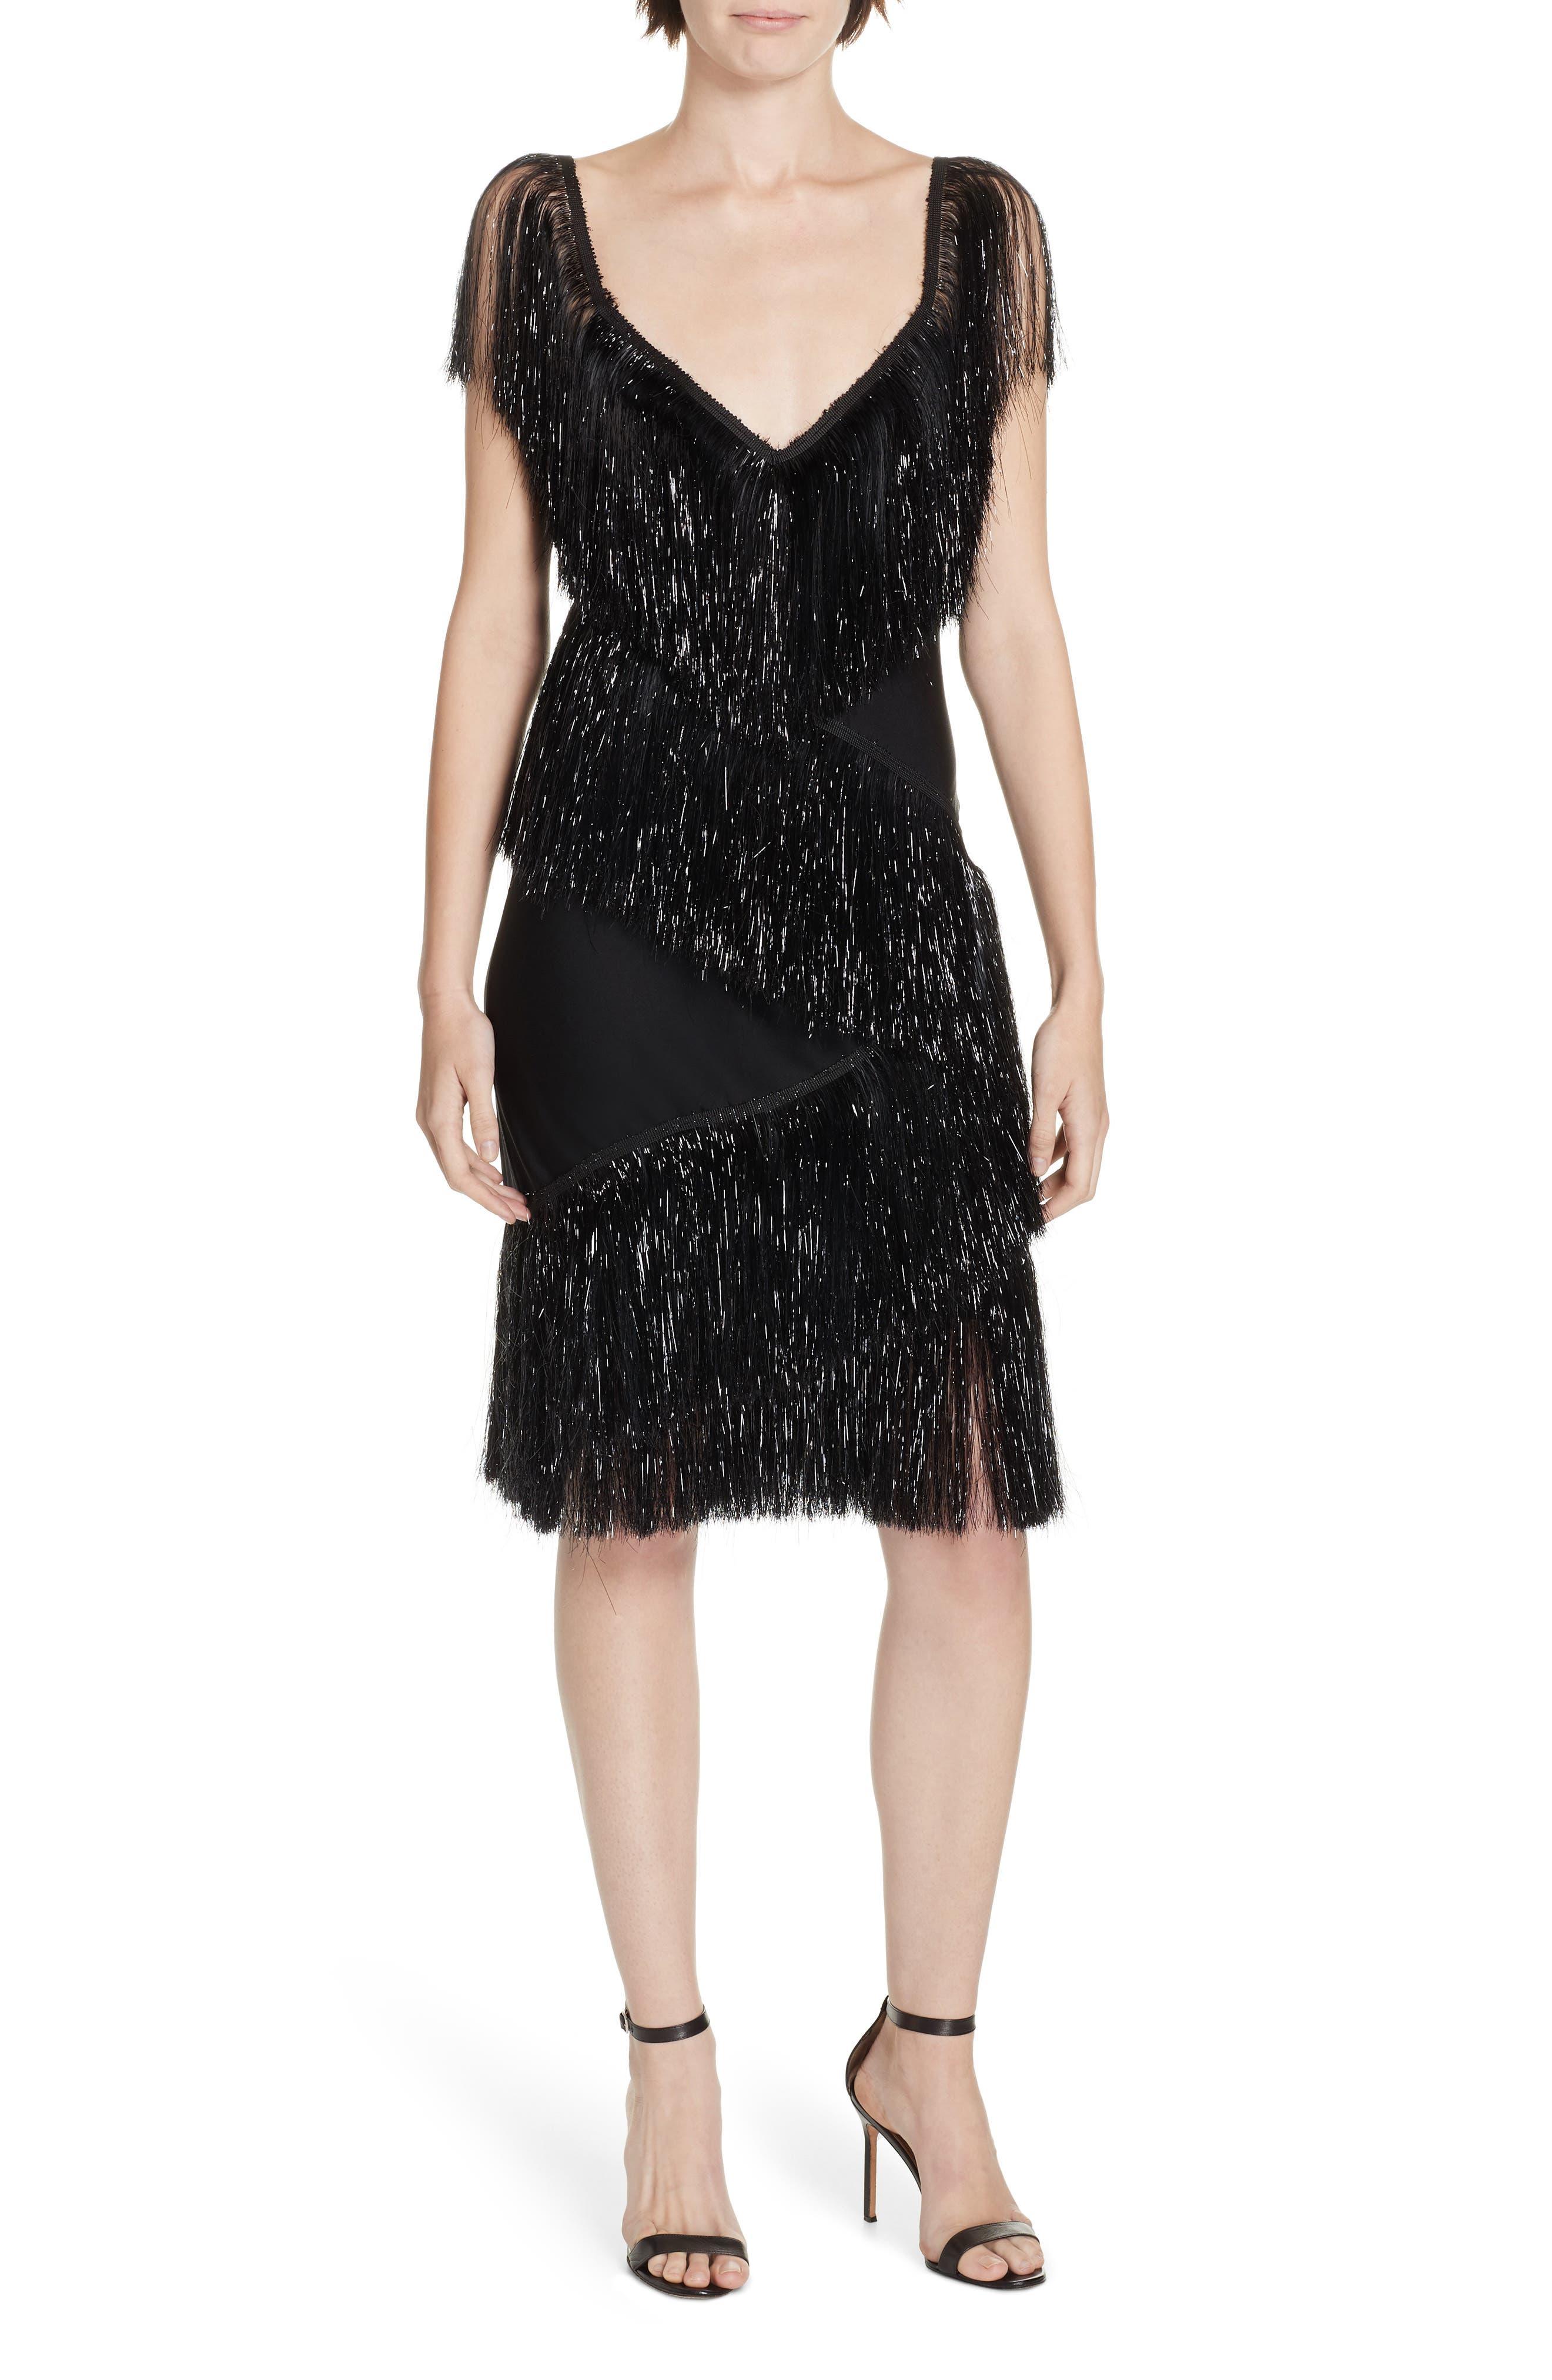 1920s Evening Dresses & Formal Gowns Womens Dvf Olvera Fringe Dress $568.00 AT vintagedancer.com